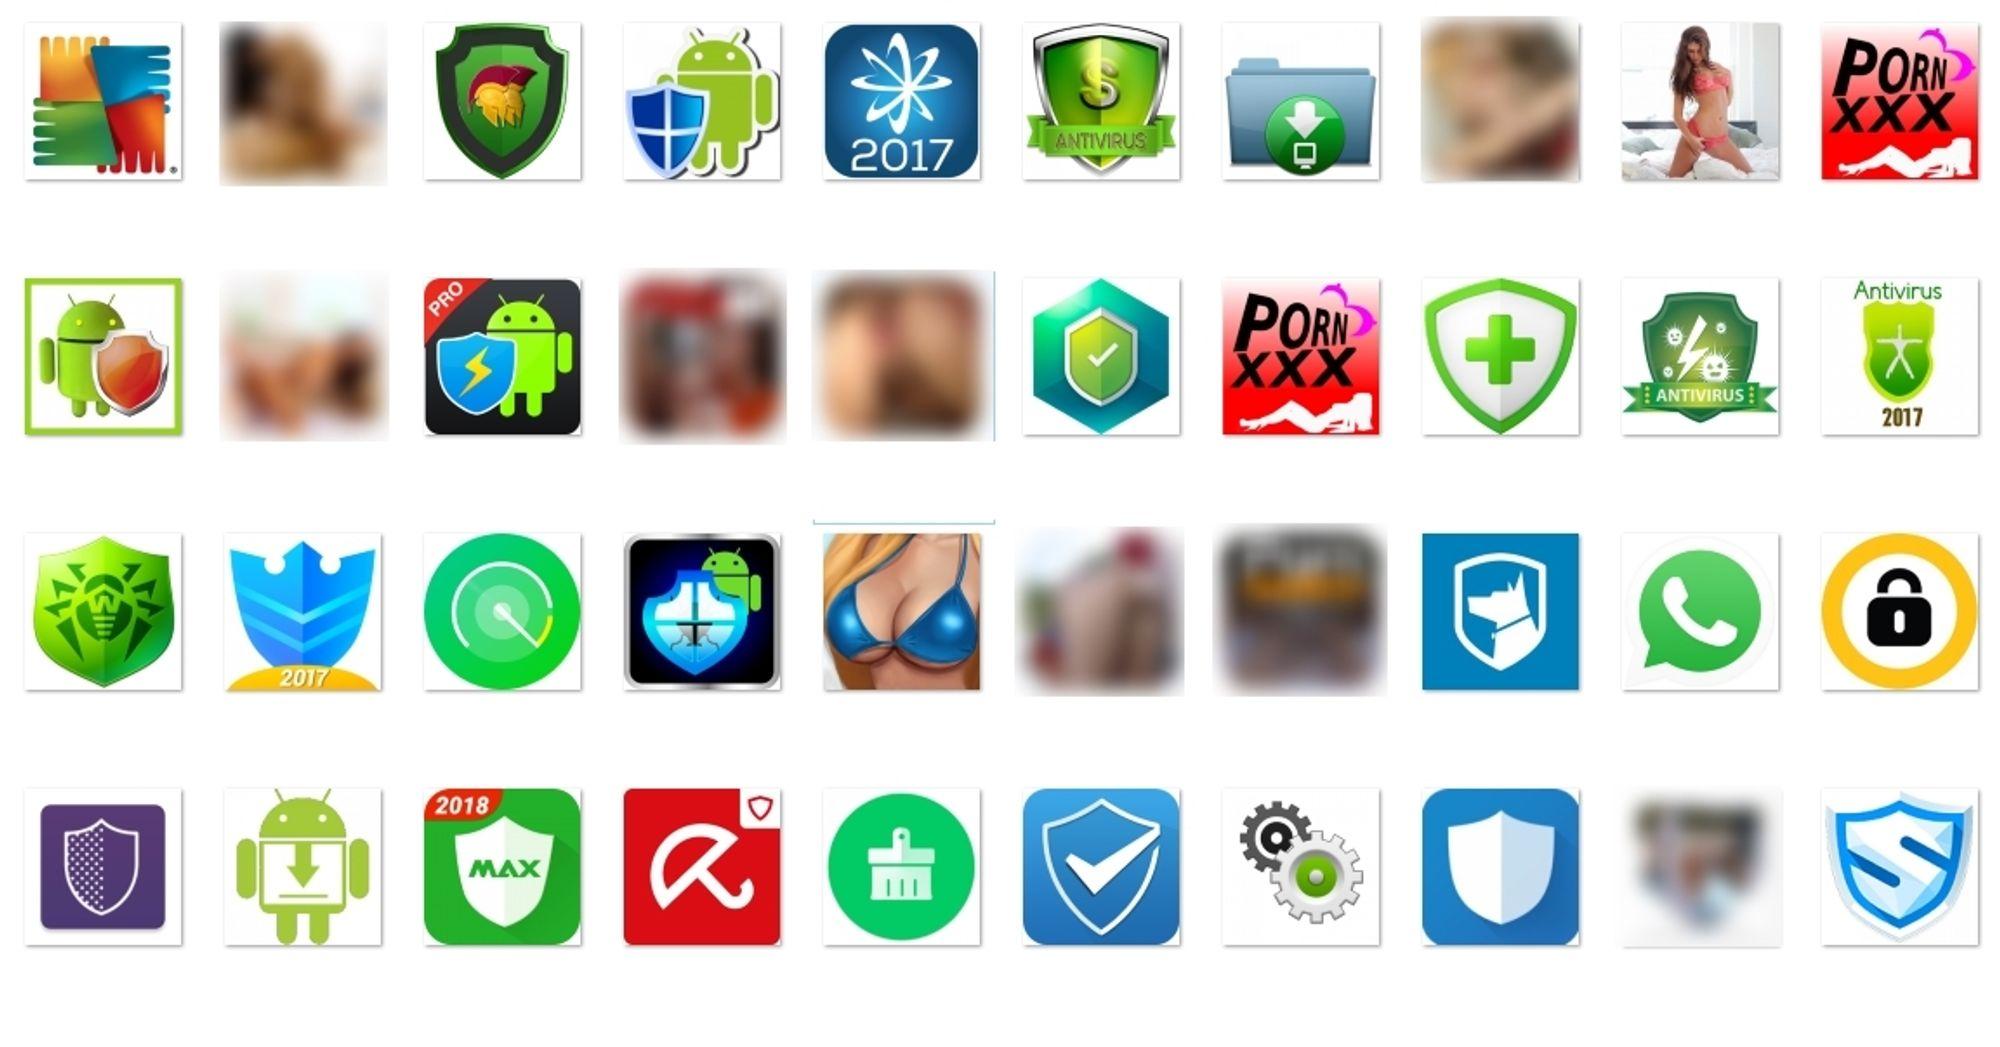 Loapi-trojaneren har fulgt med en rekke apper. De fleste har blitt distribuert via uoffisielle app-markedsplasser, via vanlige websider eller som vedlegg til epost.